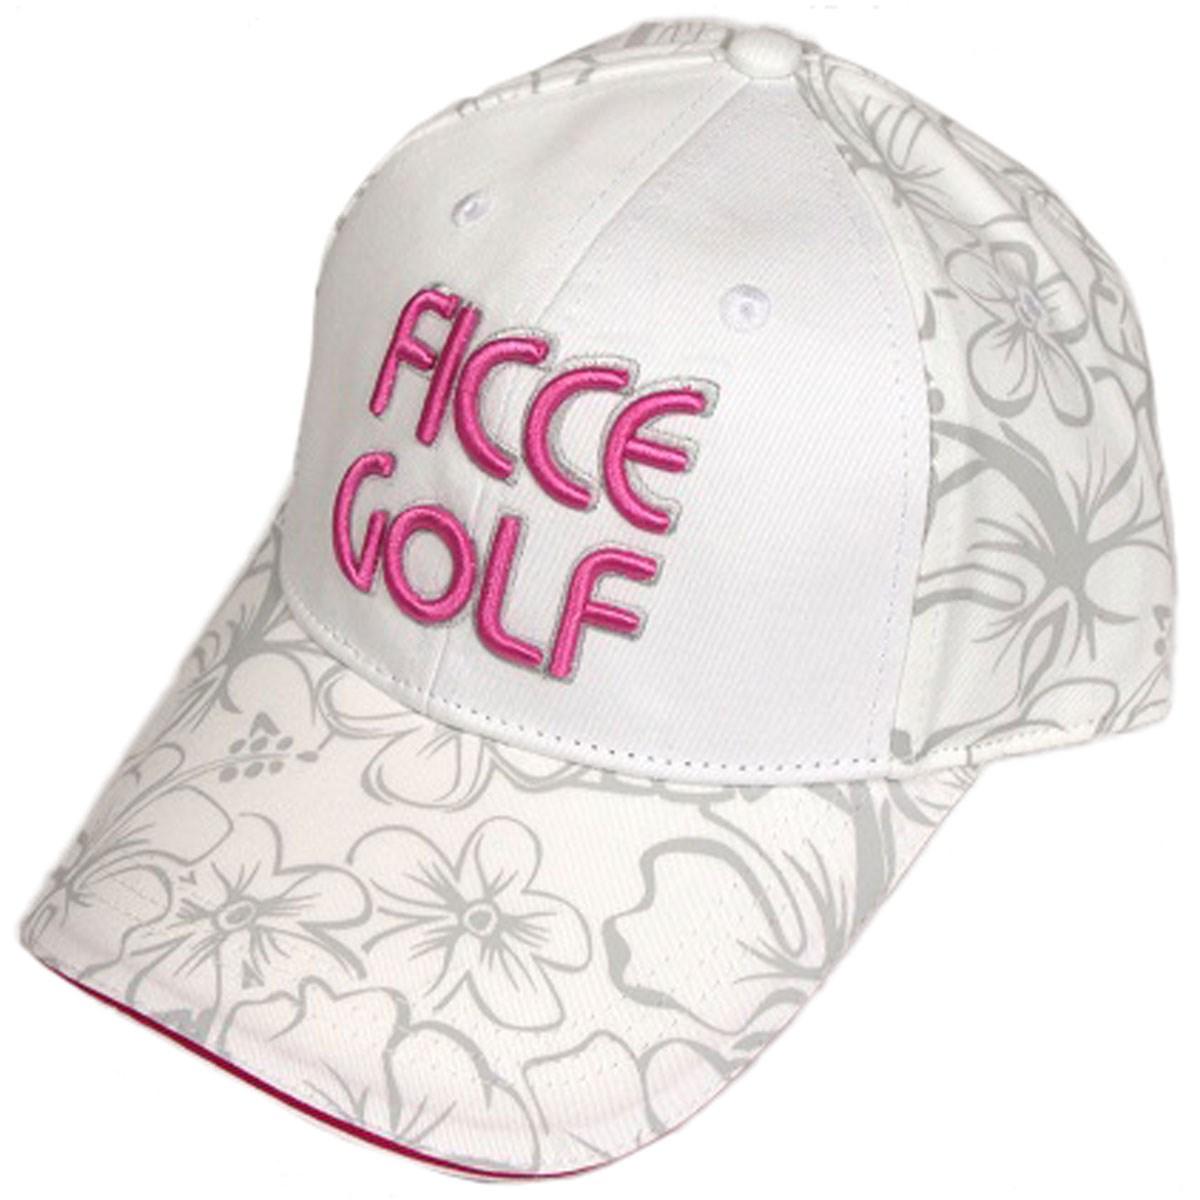 フィッチェゴルフ FICCE GOLF キャップ フリー オフホワイト レディス